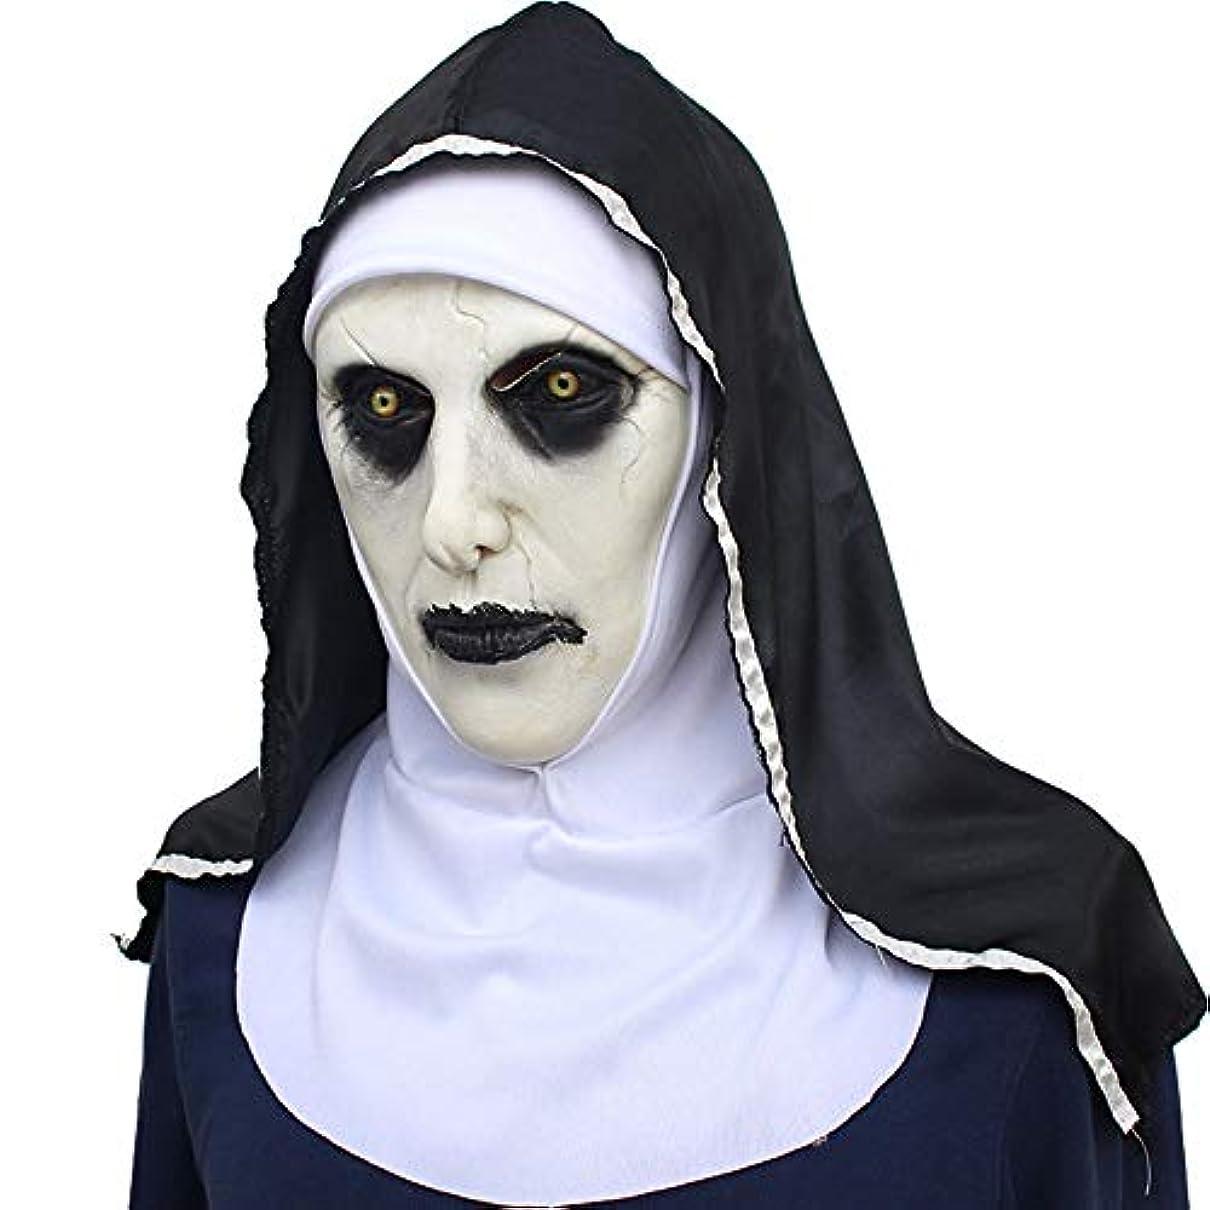 ねじれ流用するスリルハロウィーンラテックスマスクホラー修道女フェイスマスクパーティー怖い面白い小道具